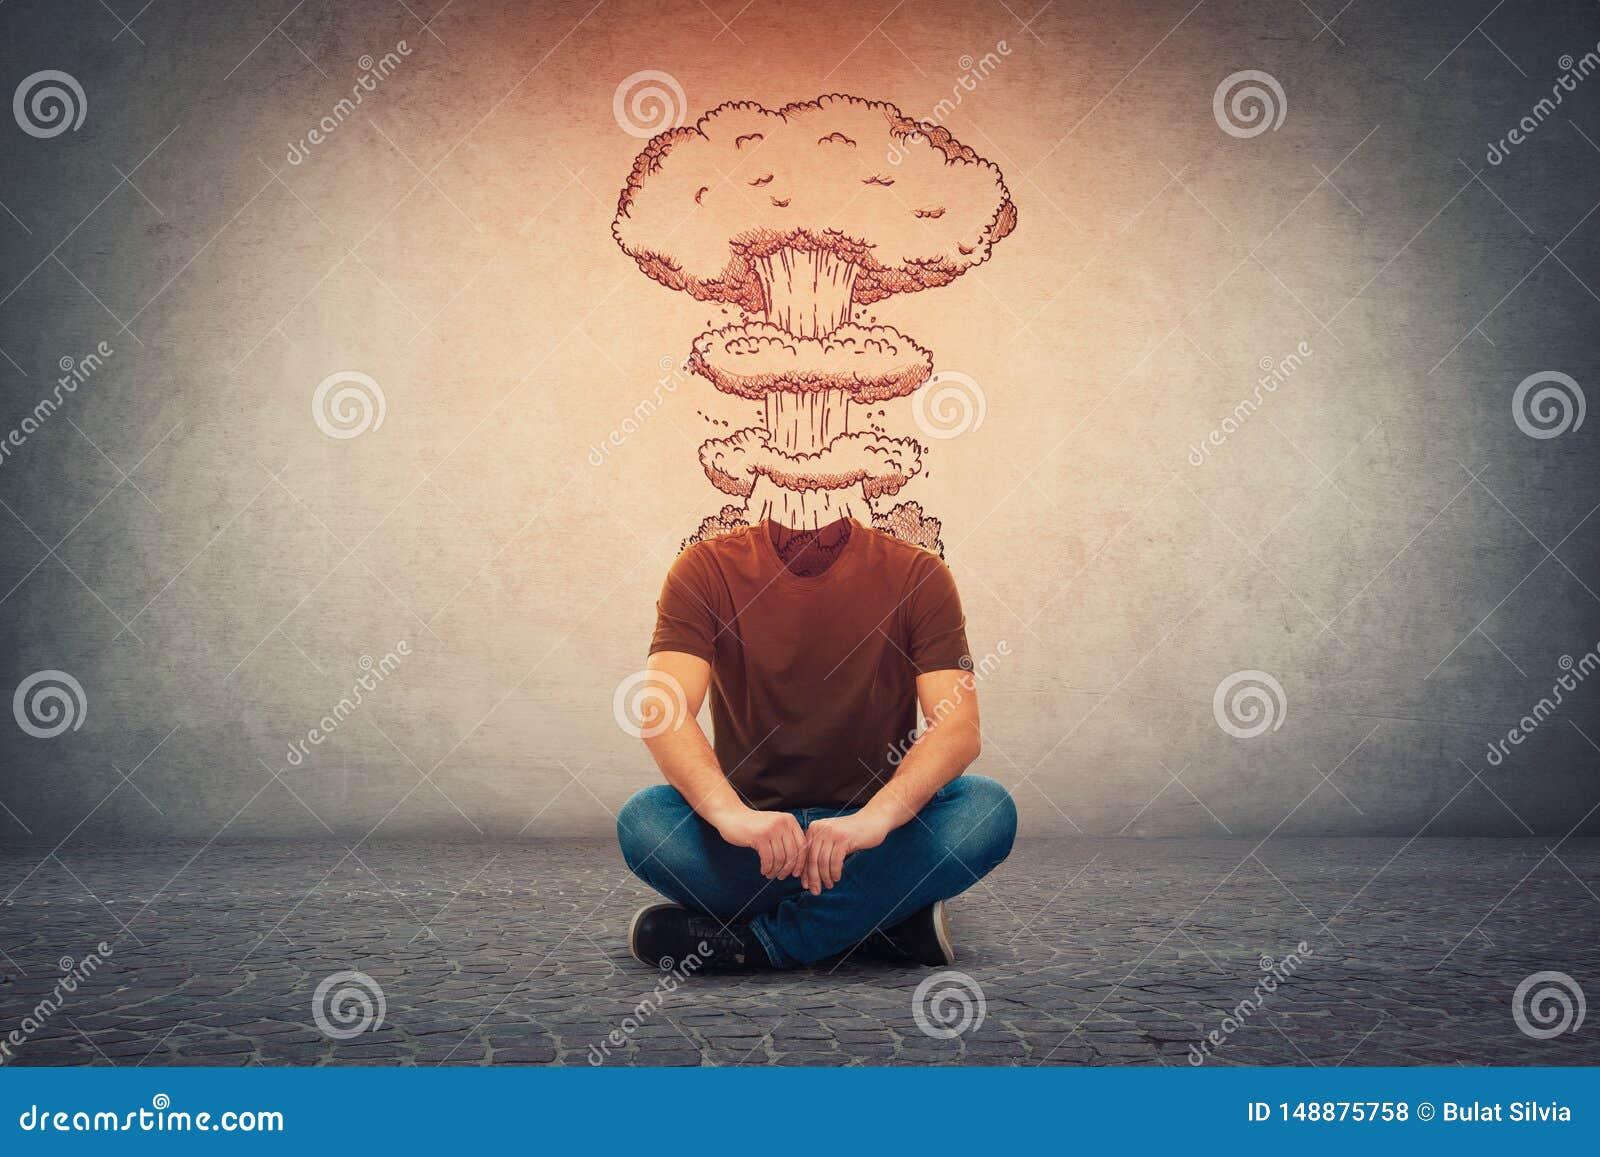 E Geisteszustand des Menschen mit Los Problemen